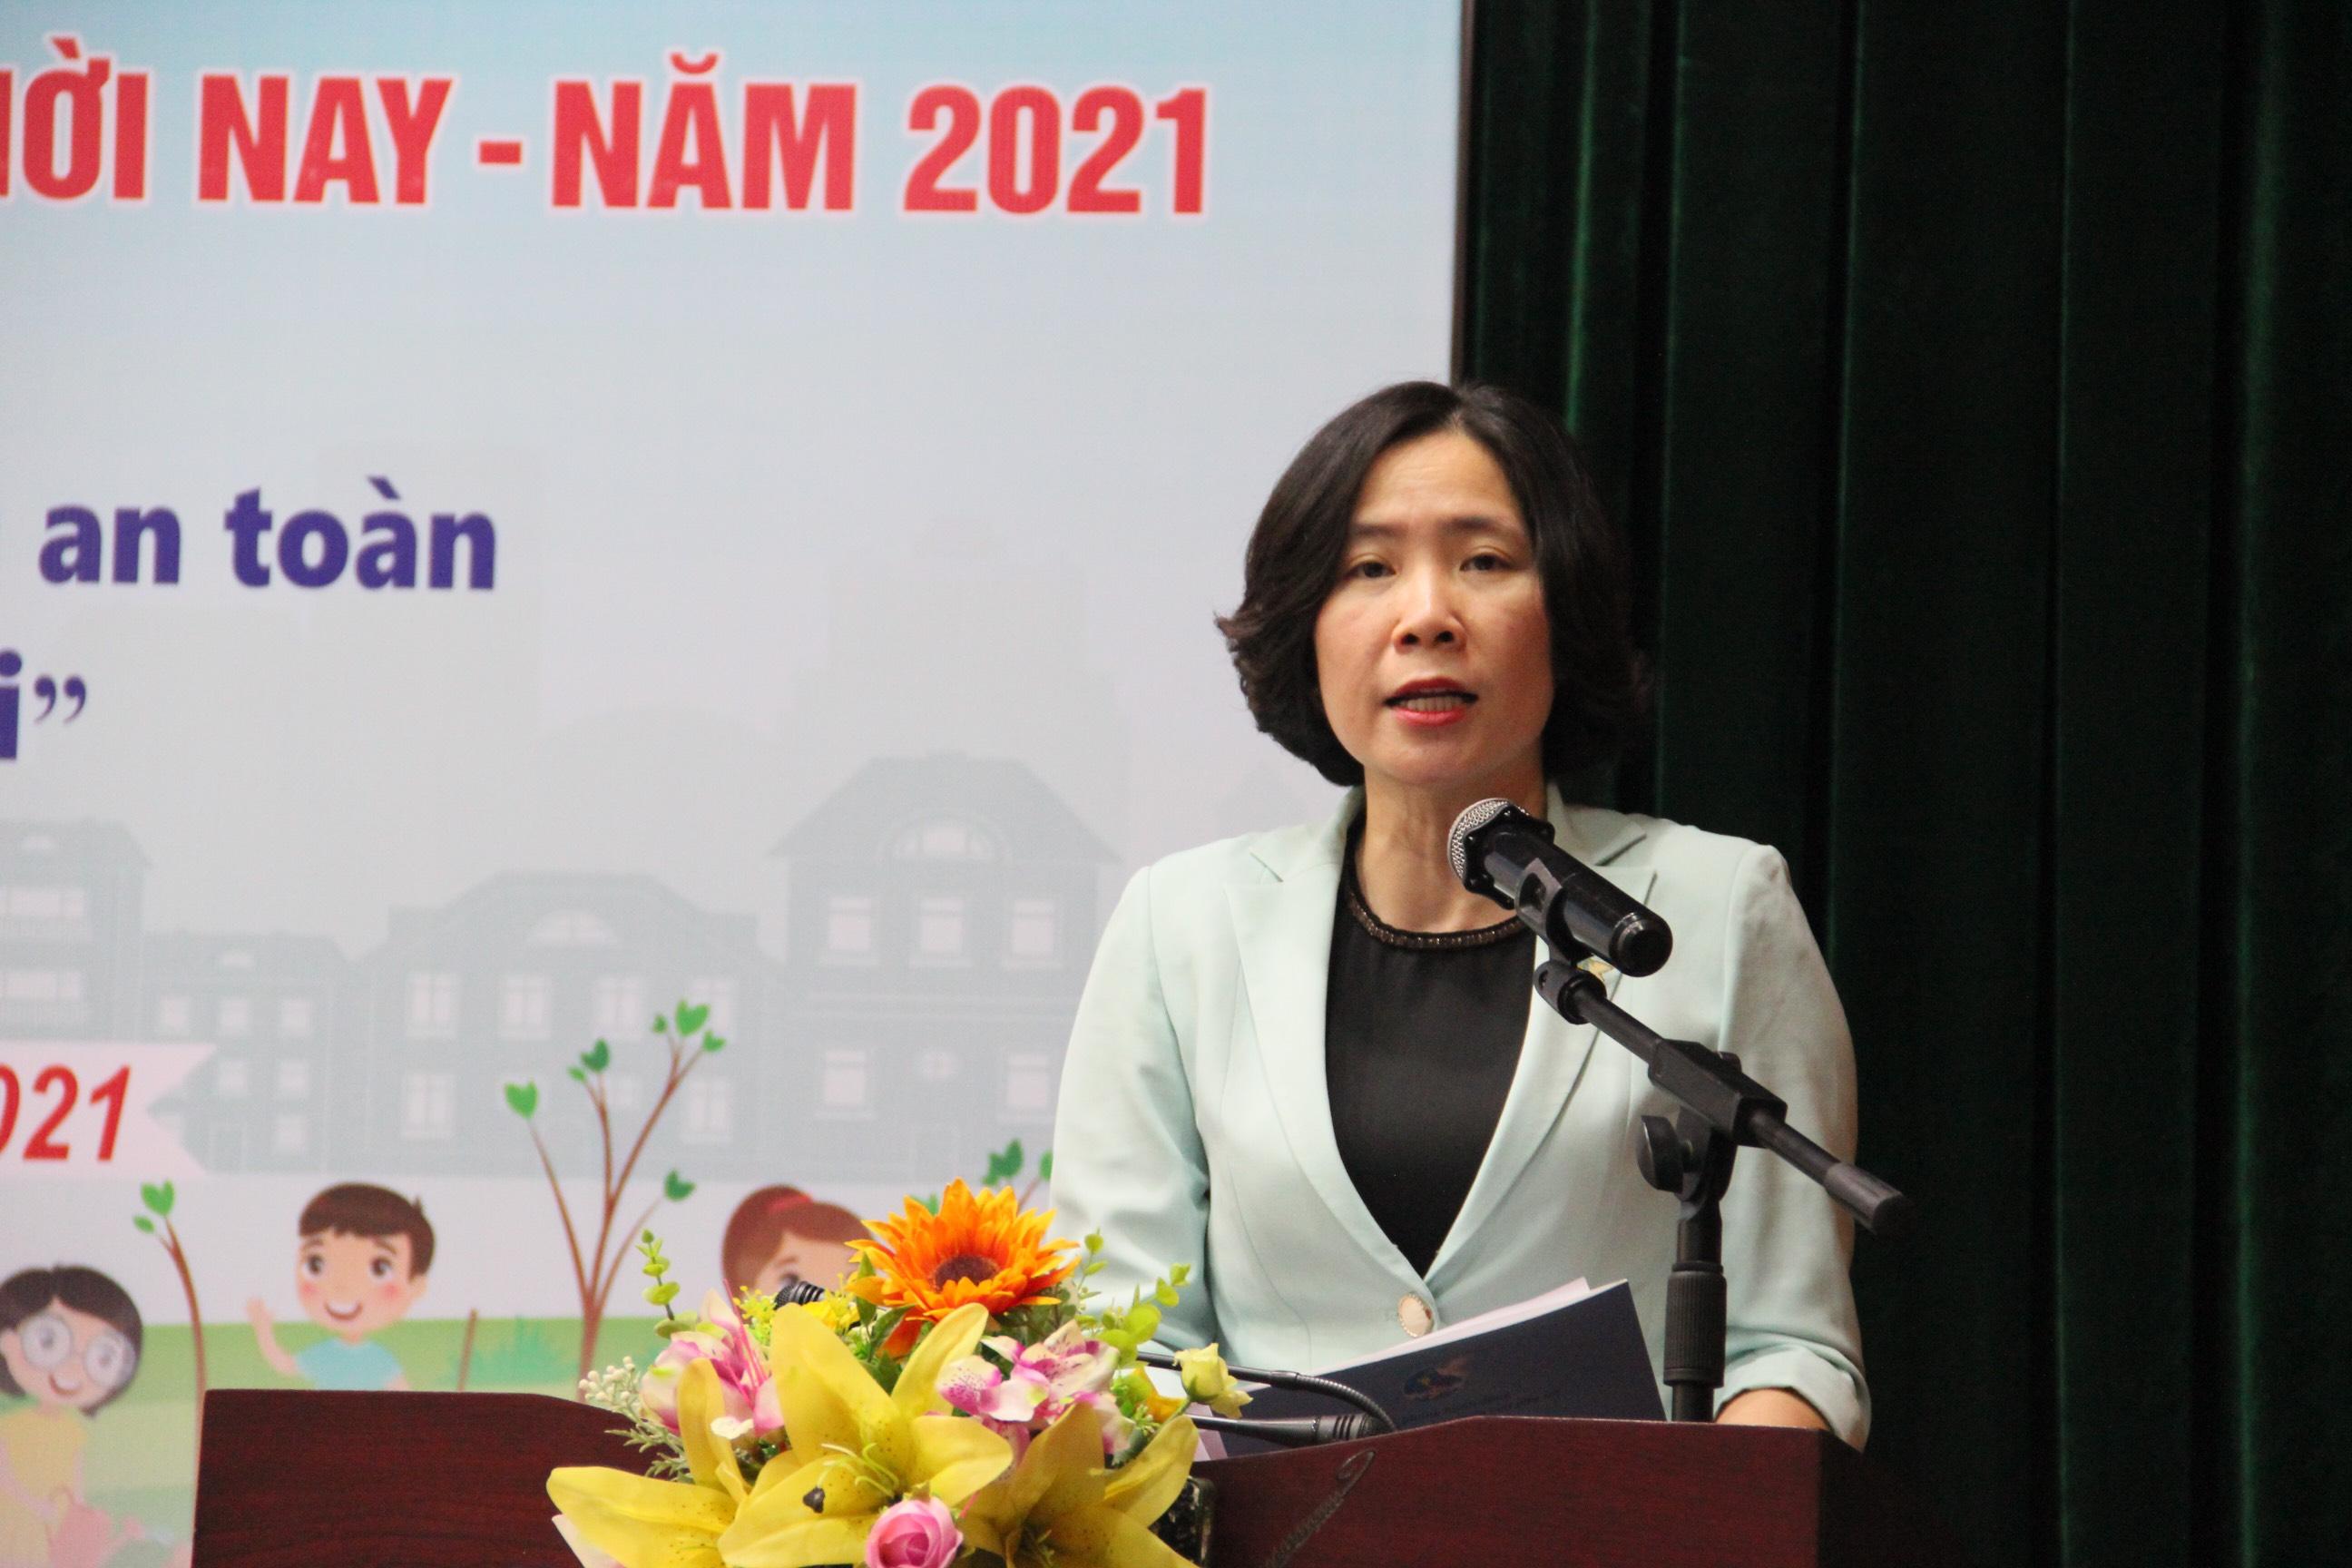 Đồng chí Lê Kim Anh - Chủ tịch Hội LHPN TP Hà Nội phát biểu khai mạc Lễ phát động Cuộc thi viết